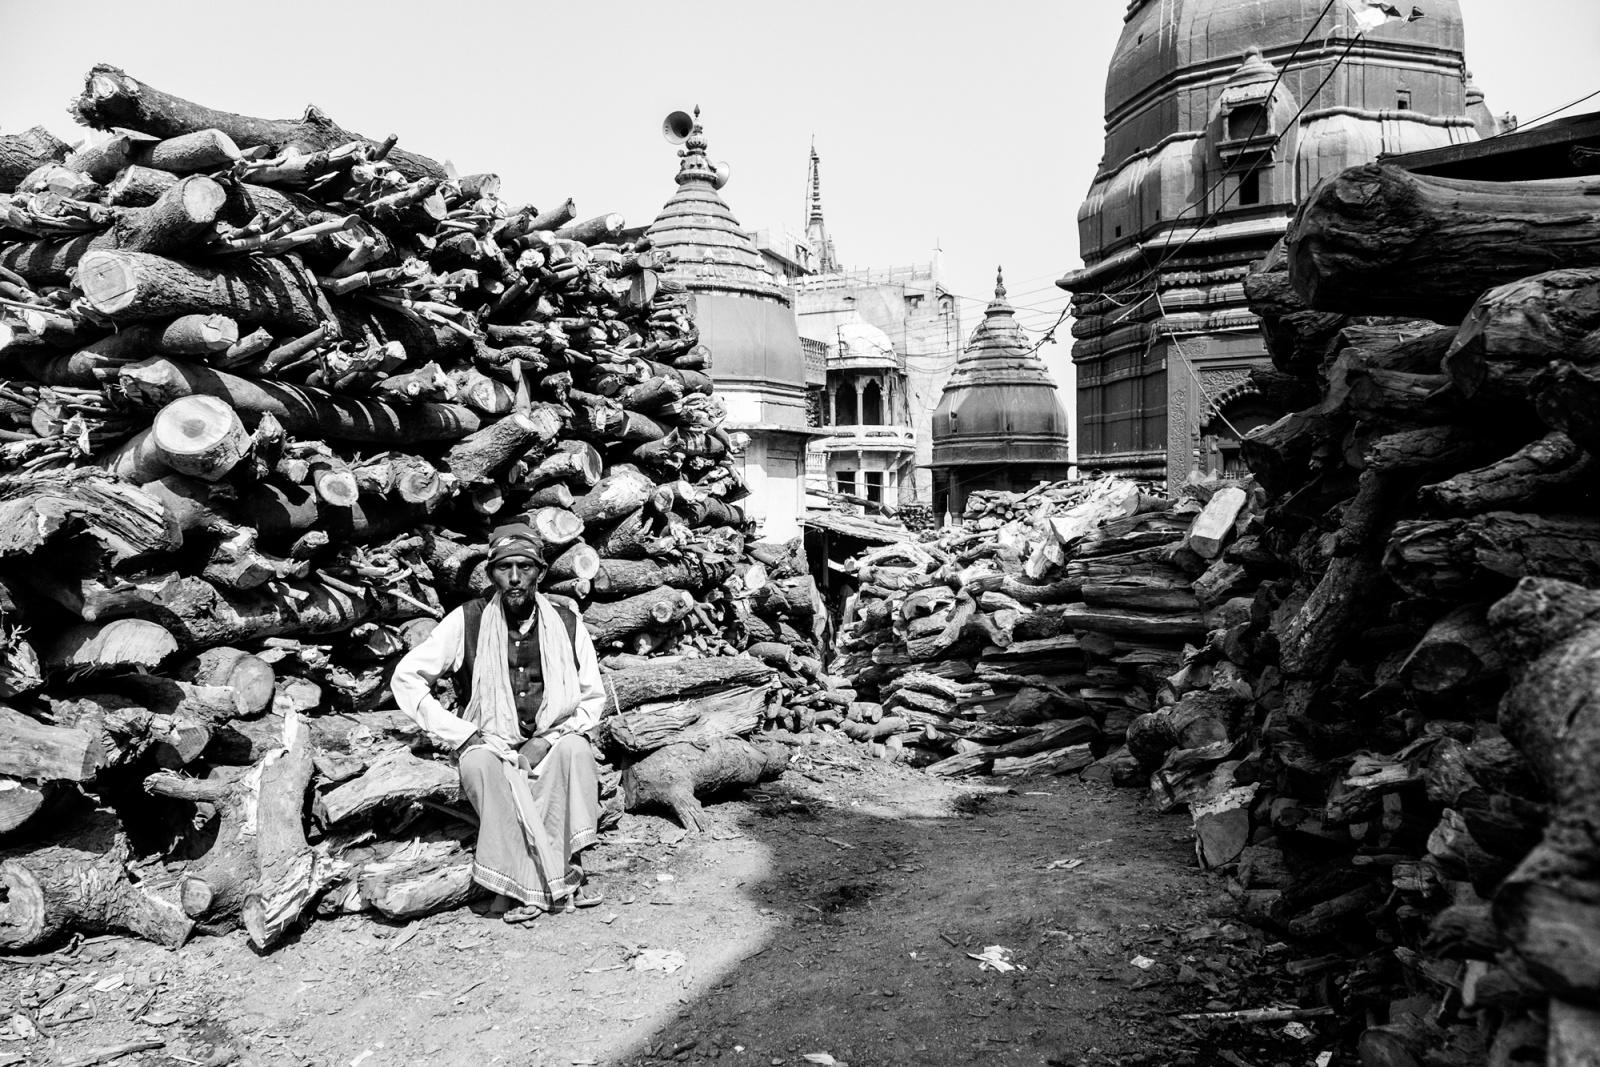 Di legno e di fuoco - Cumuli di legno di faggio accatastati nei pressi del Manikarnika ghat - Varanasi, 2016